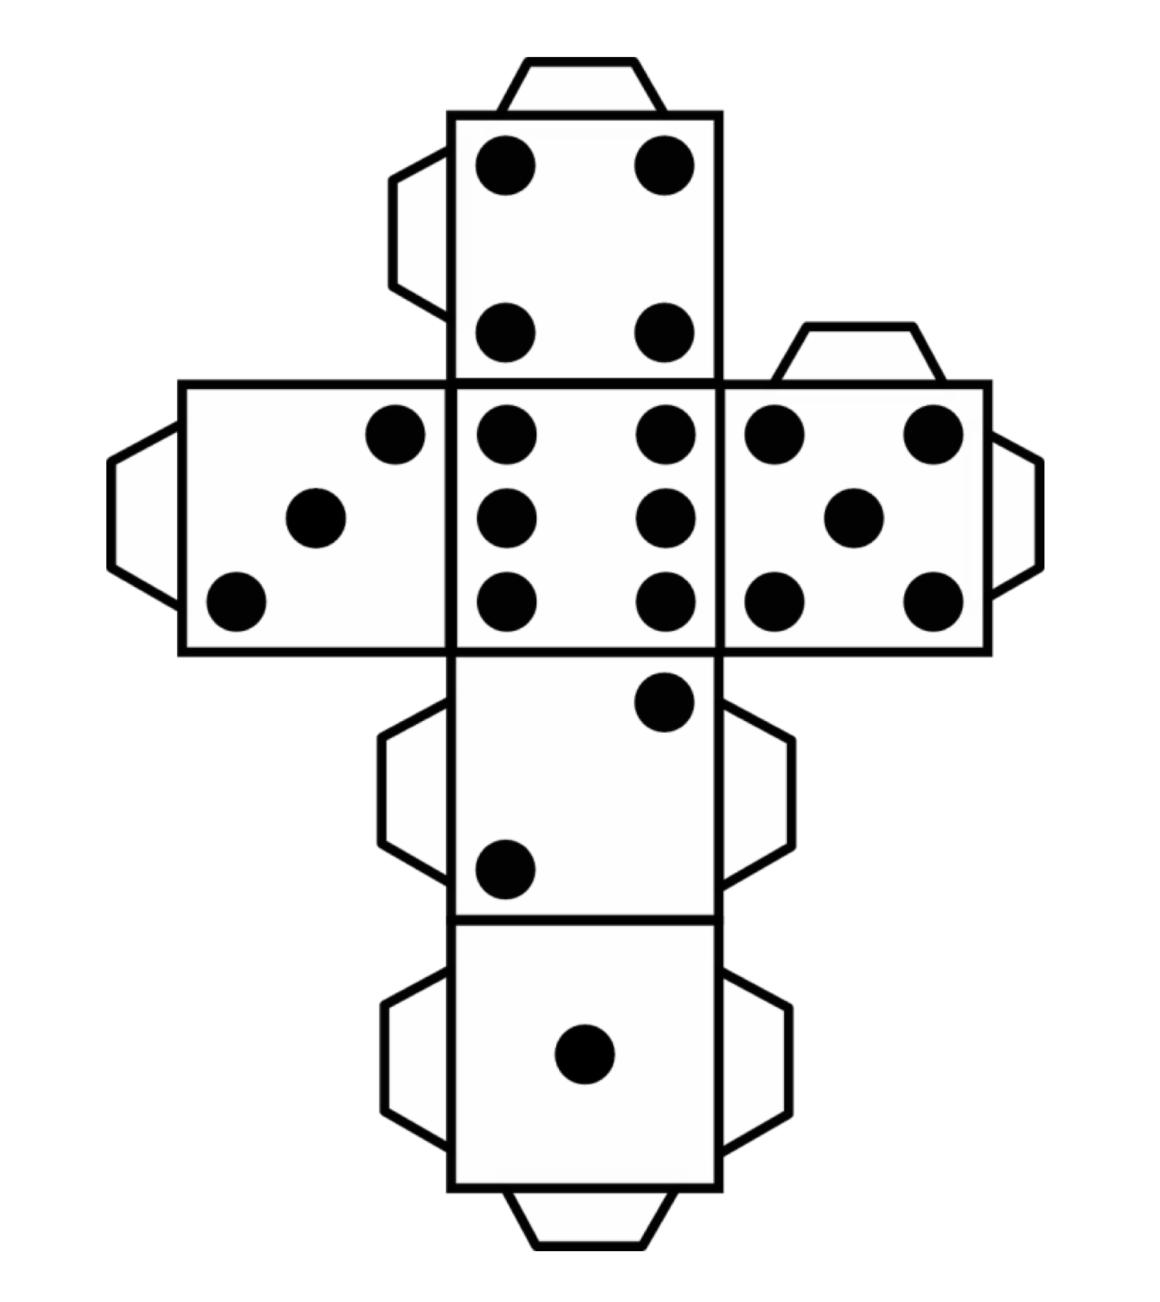 Dado imprimible | Tableros y juegos de mesa | Pinterest | Math